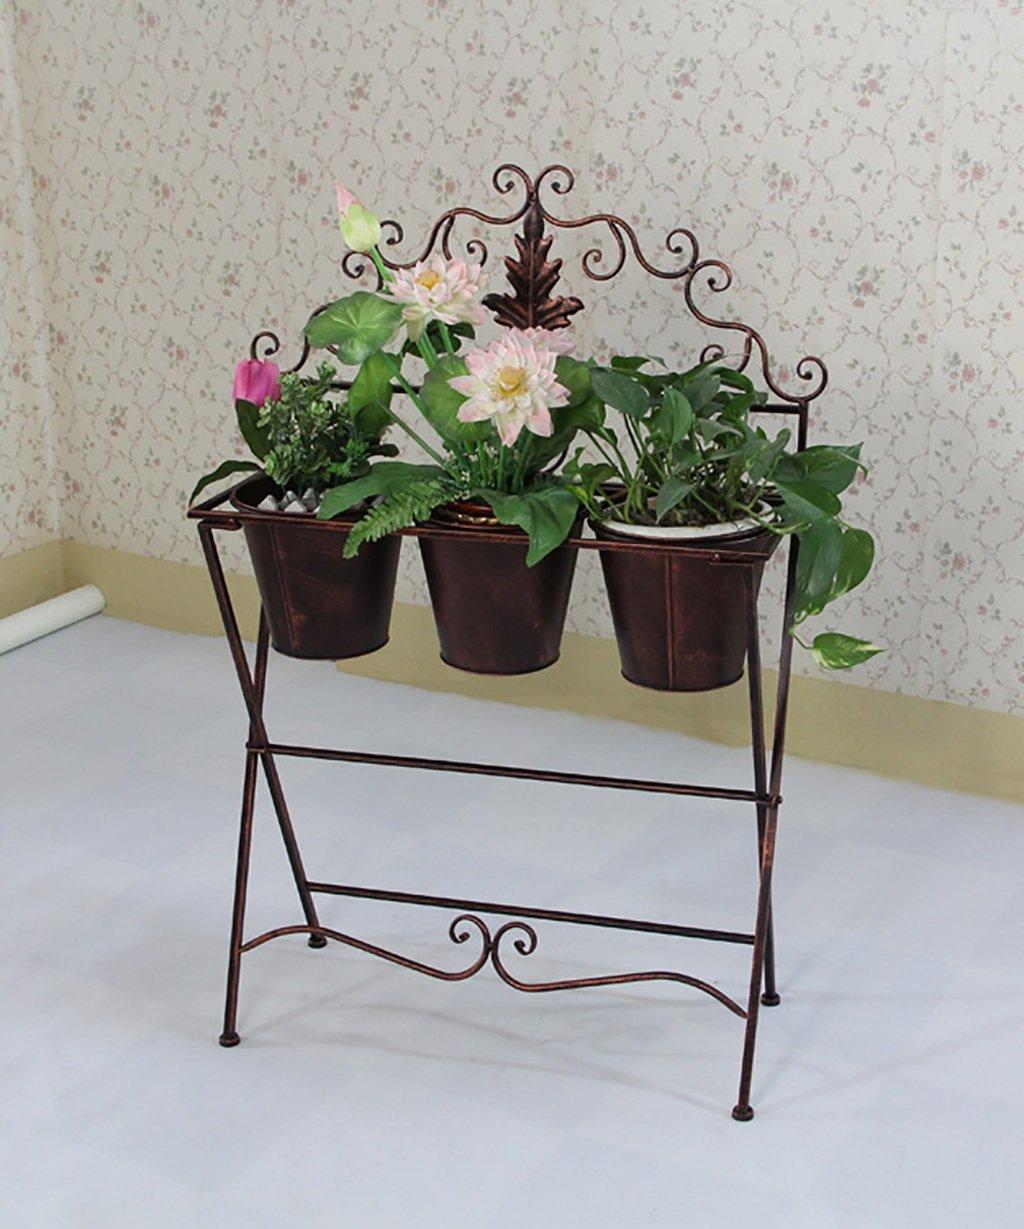 LB huajia ZHANWEI Eisen Blumen Racks Europäische Stil Retro Pastoral Balkon Hof Blumen Topf Rack mit Fässern Bronze